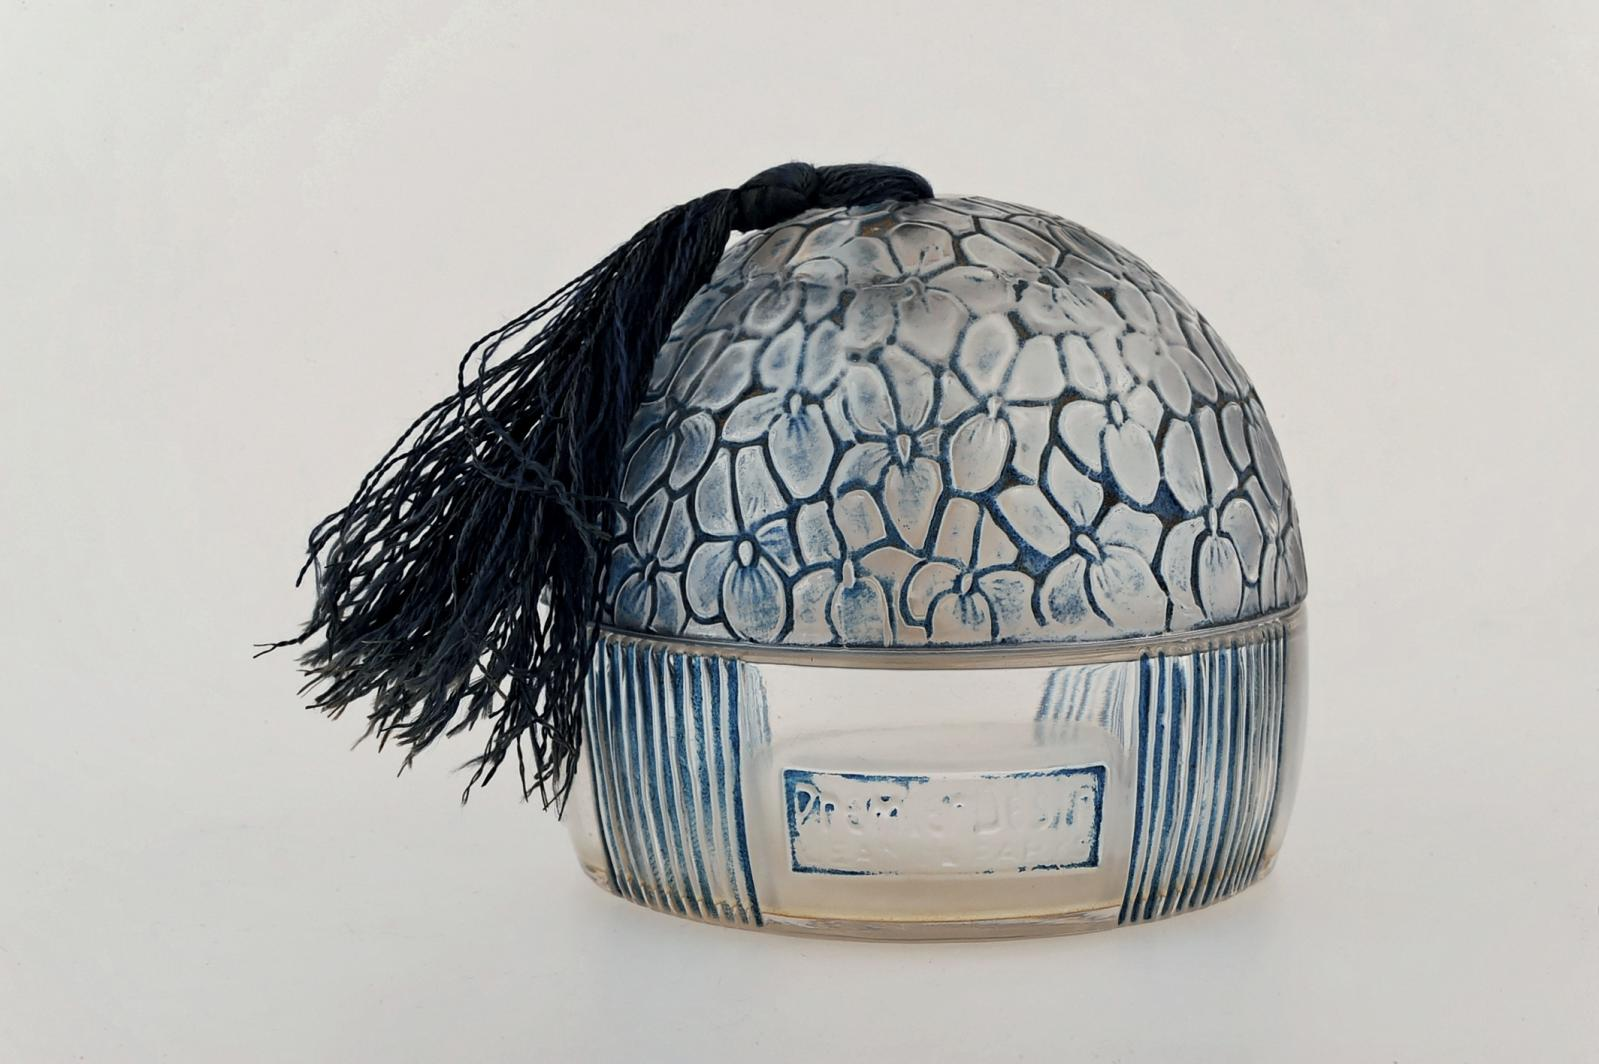 René Lalique pour Jean de Parys, Premier Désir, parfum lancé en 1923, flacon conçu en 1926, verre soufflé-moulé, diam.7,5cm. Paris, Drouot-Richelieu